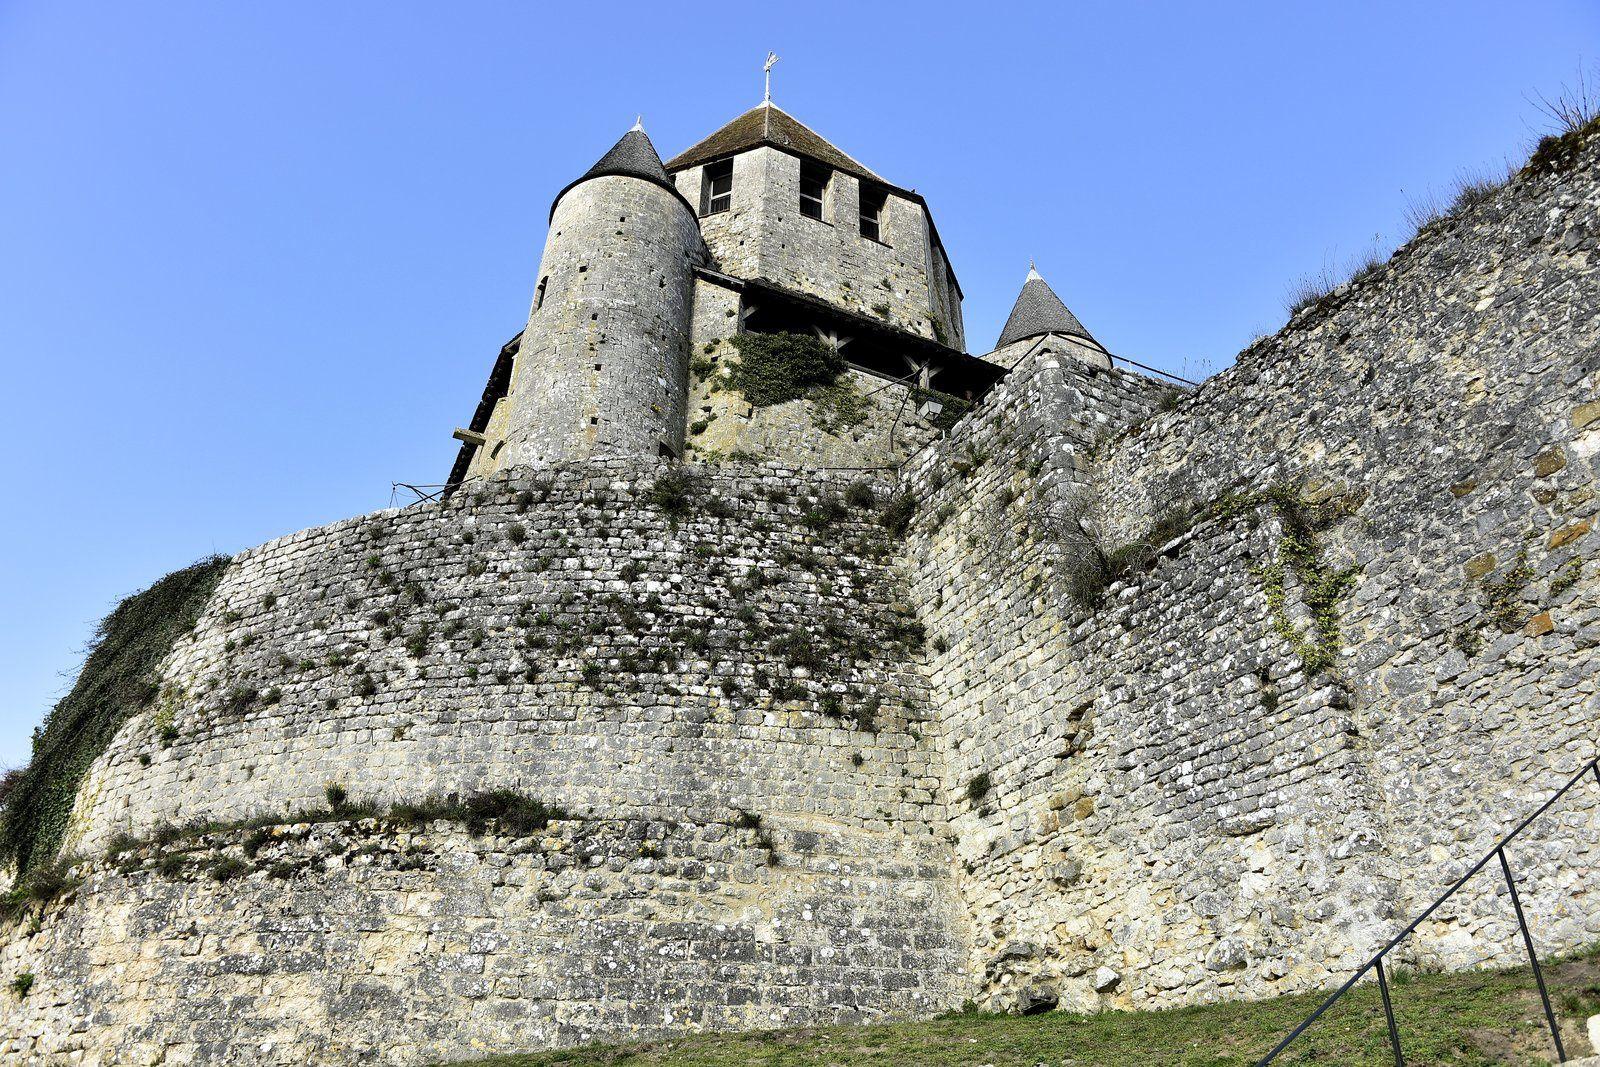 Le 24/03/2019 Balade à la cité médiévale de Provins. (1)